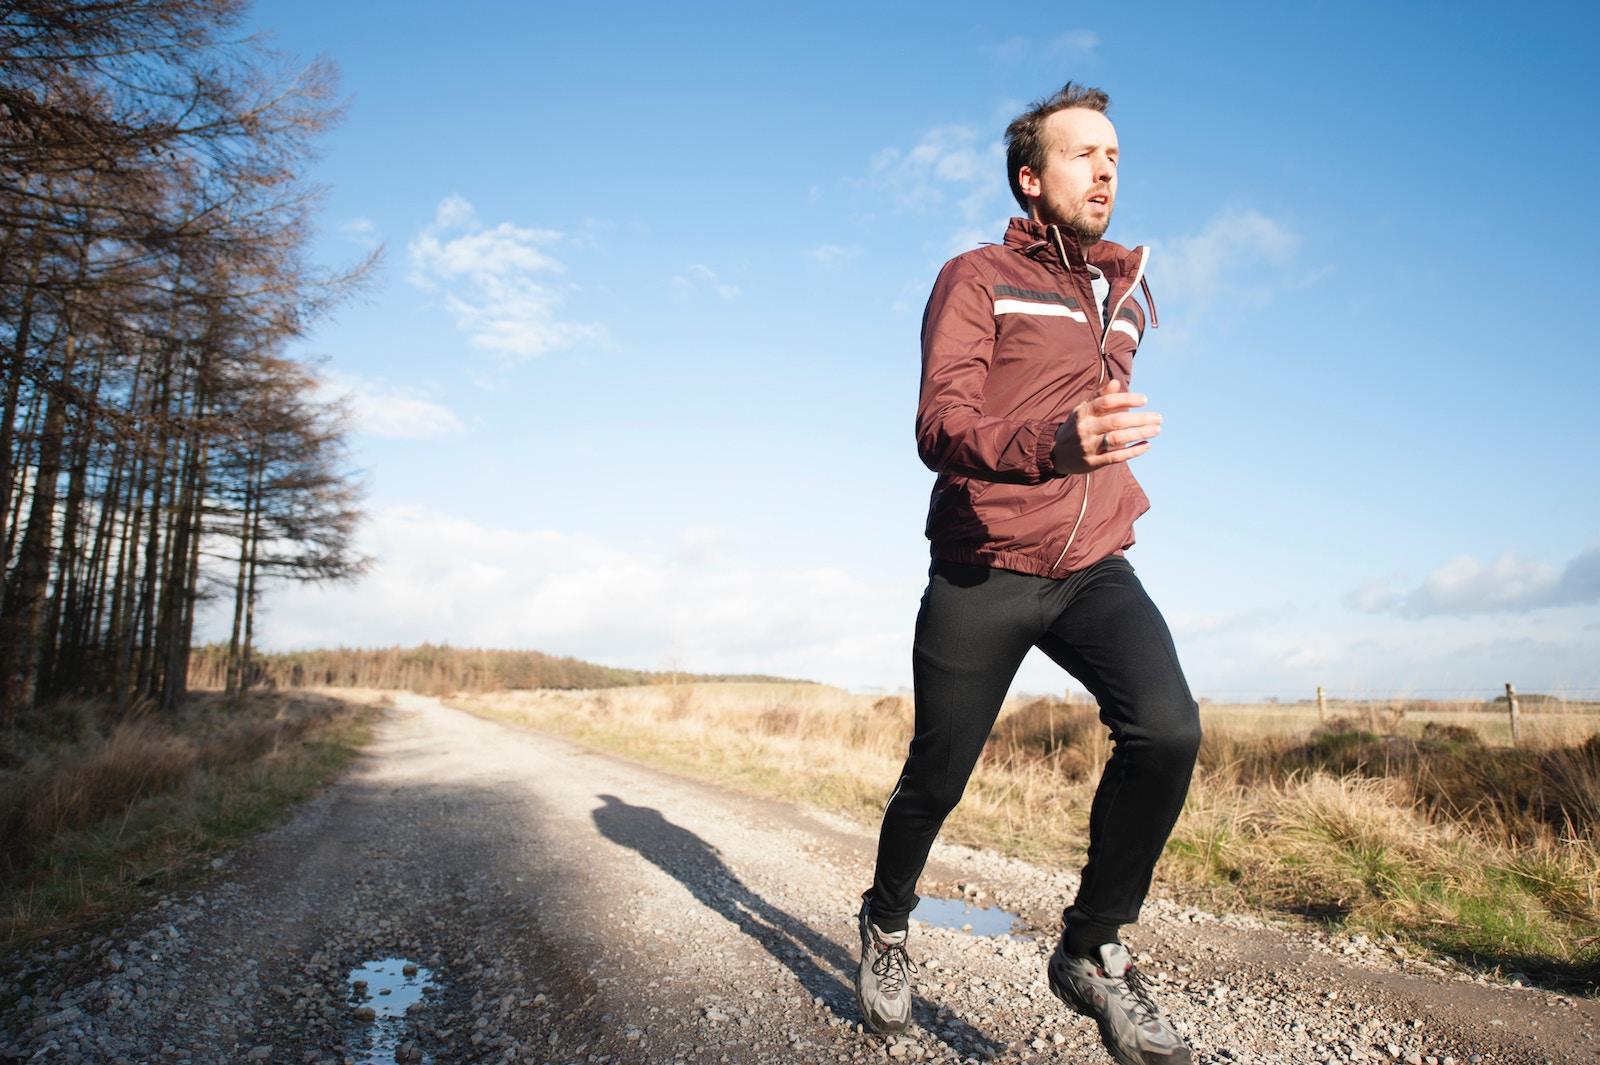 Obiettivo-maratona in primavera: ecco il modo in cui prepararla durante i mesi invernali